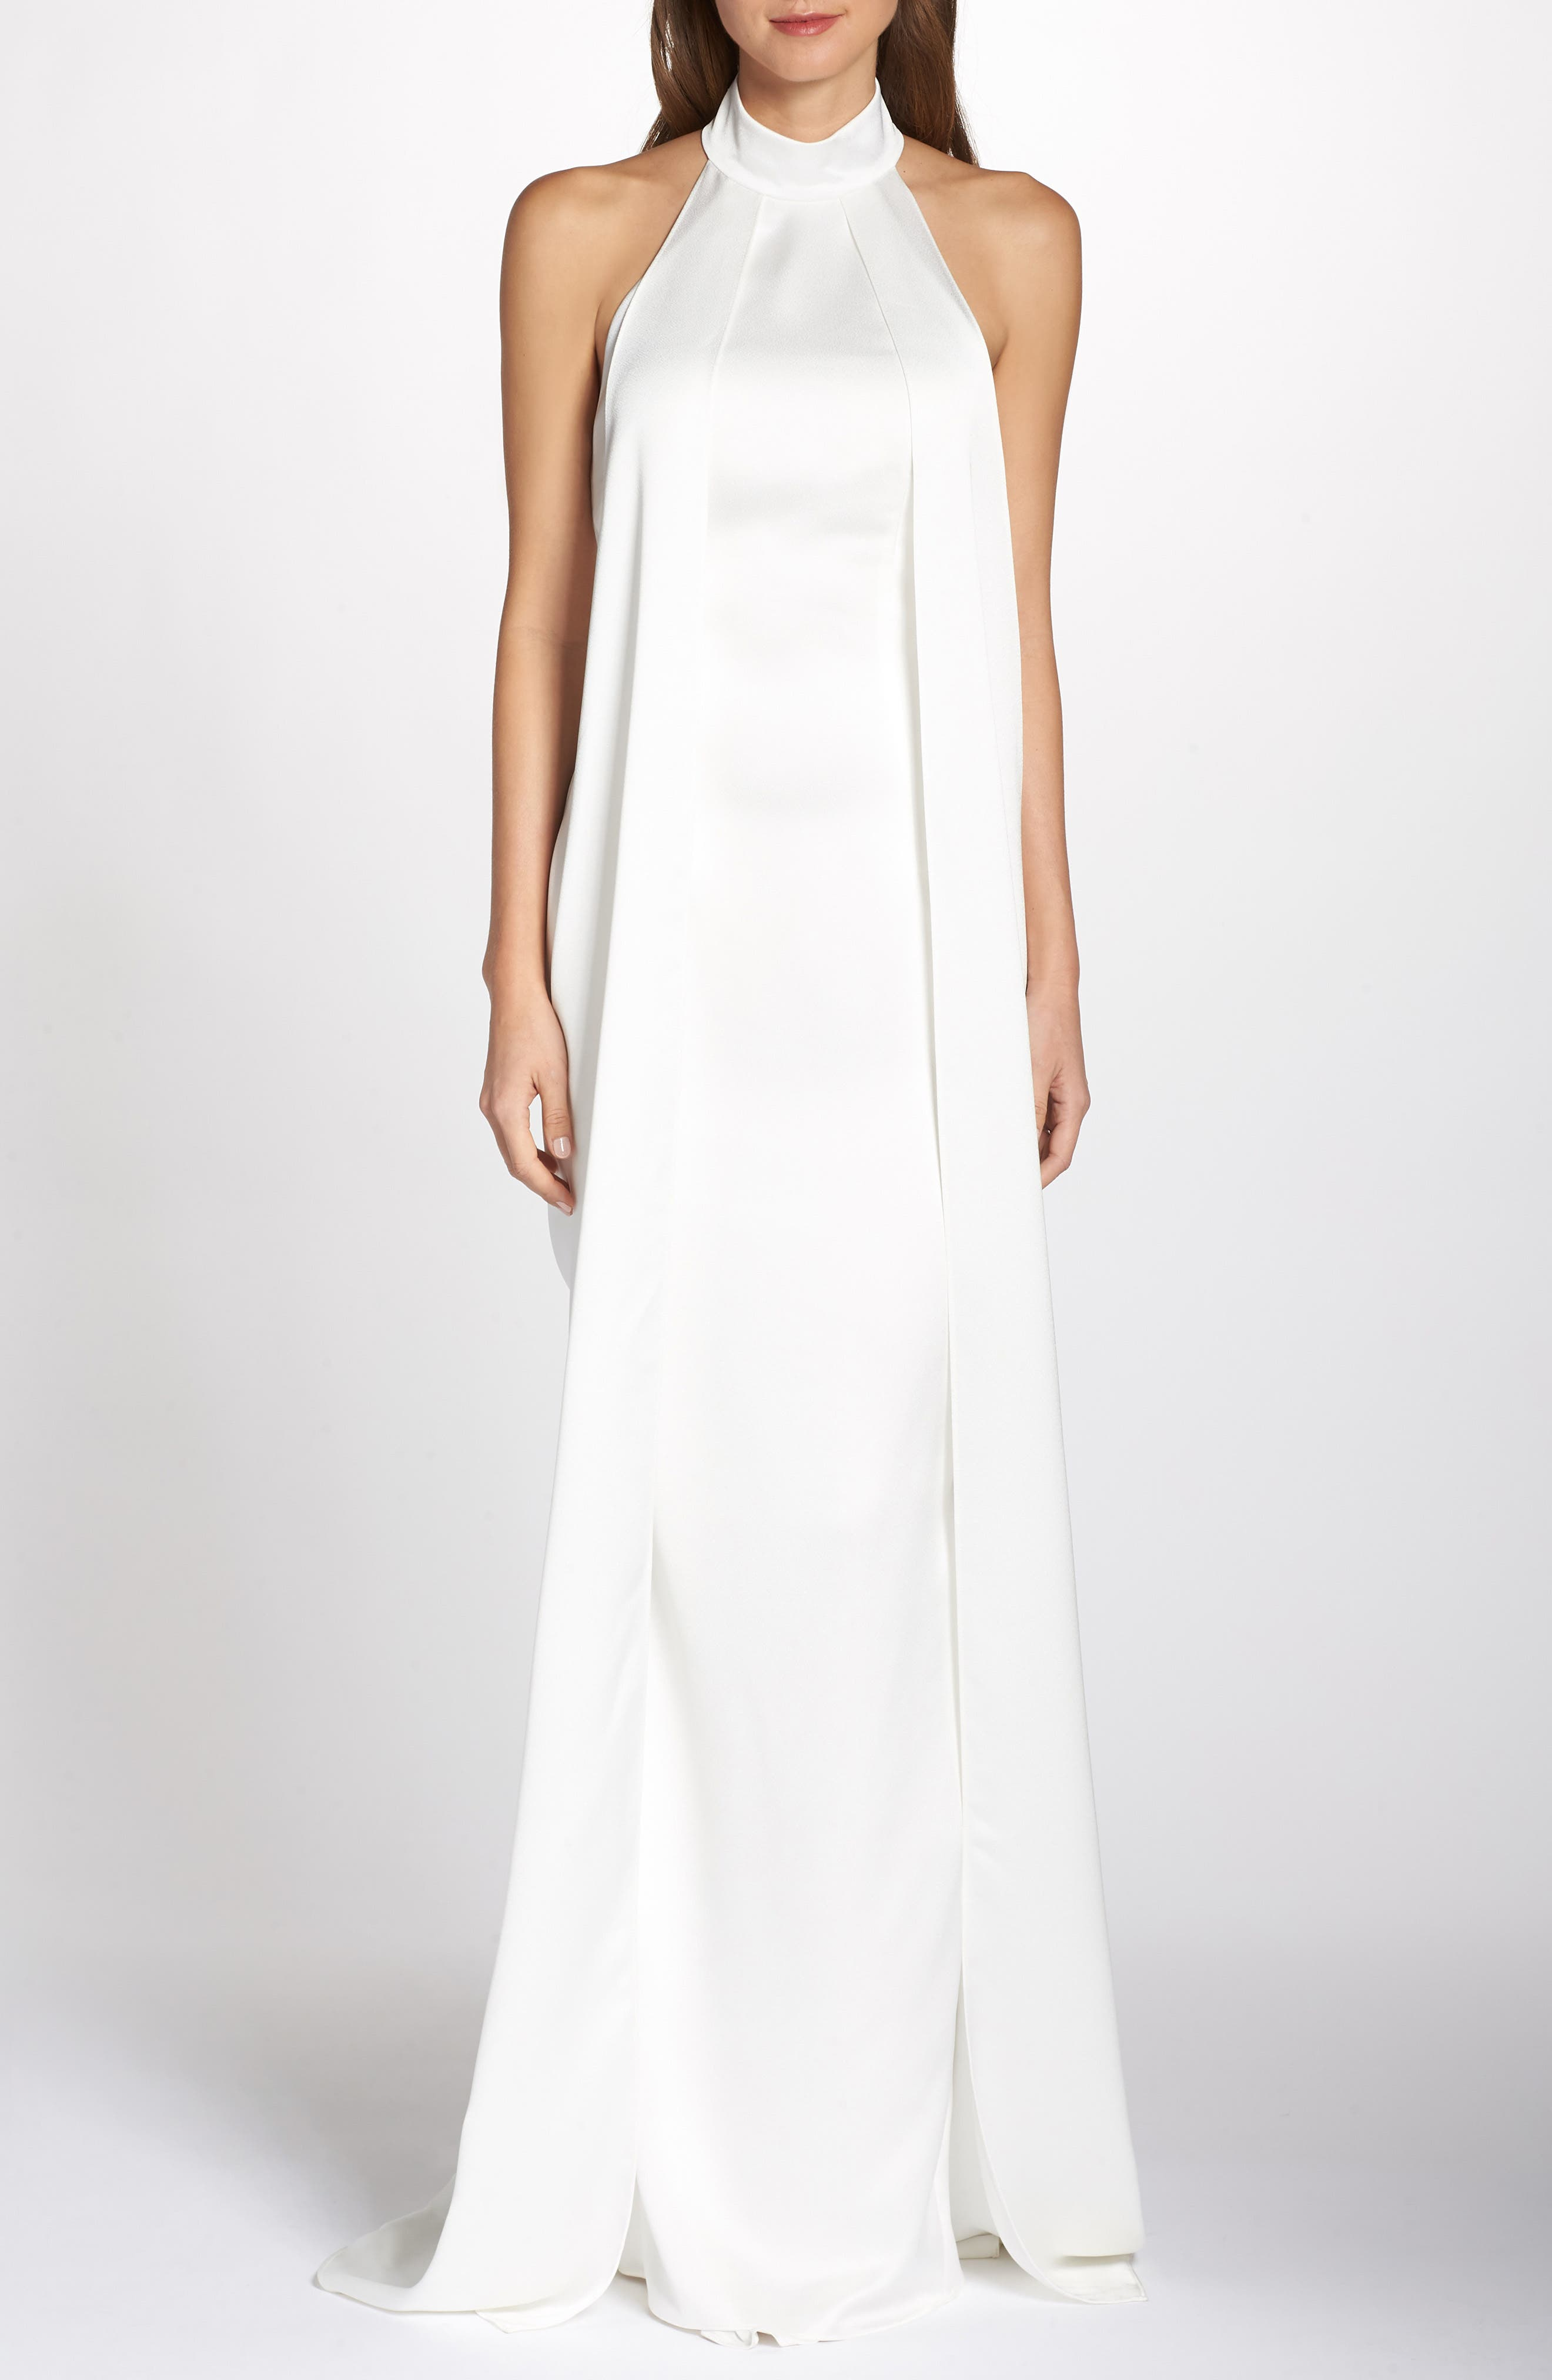 Noel And Jean By Katie May Landmark Halter Wedding Dress, Ivory